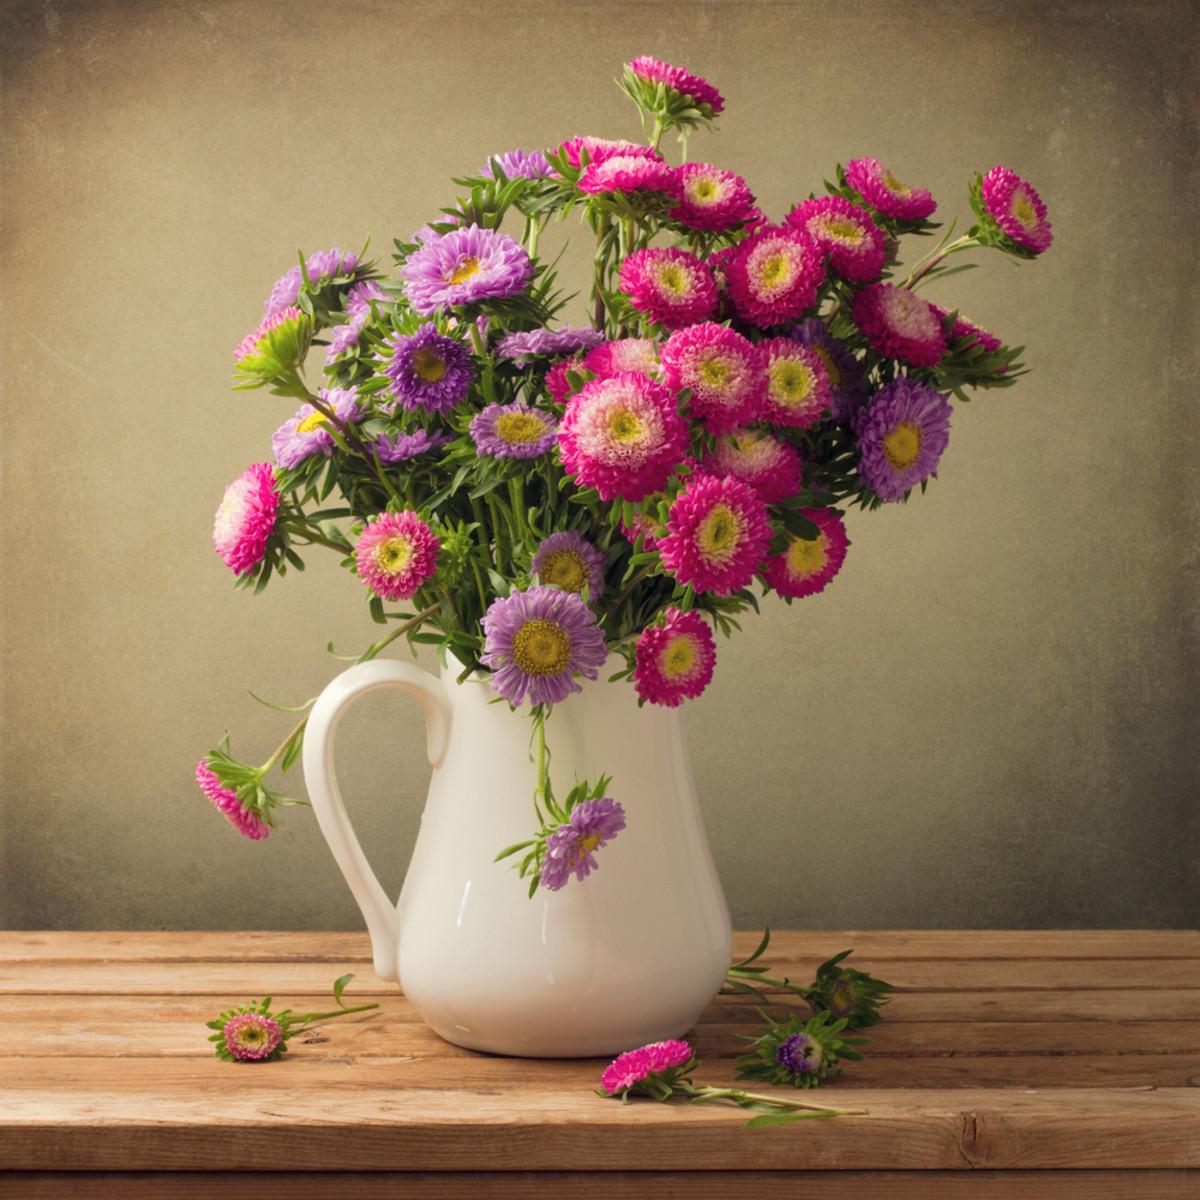 6 easy diy ways to make cut flowers last longer - Ways to make your flowers last longer ...